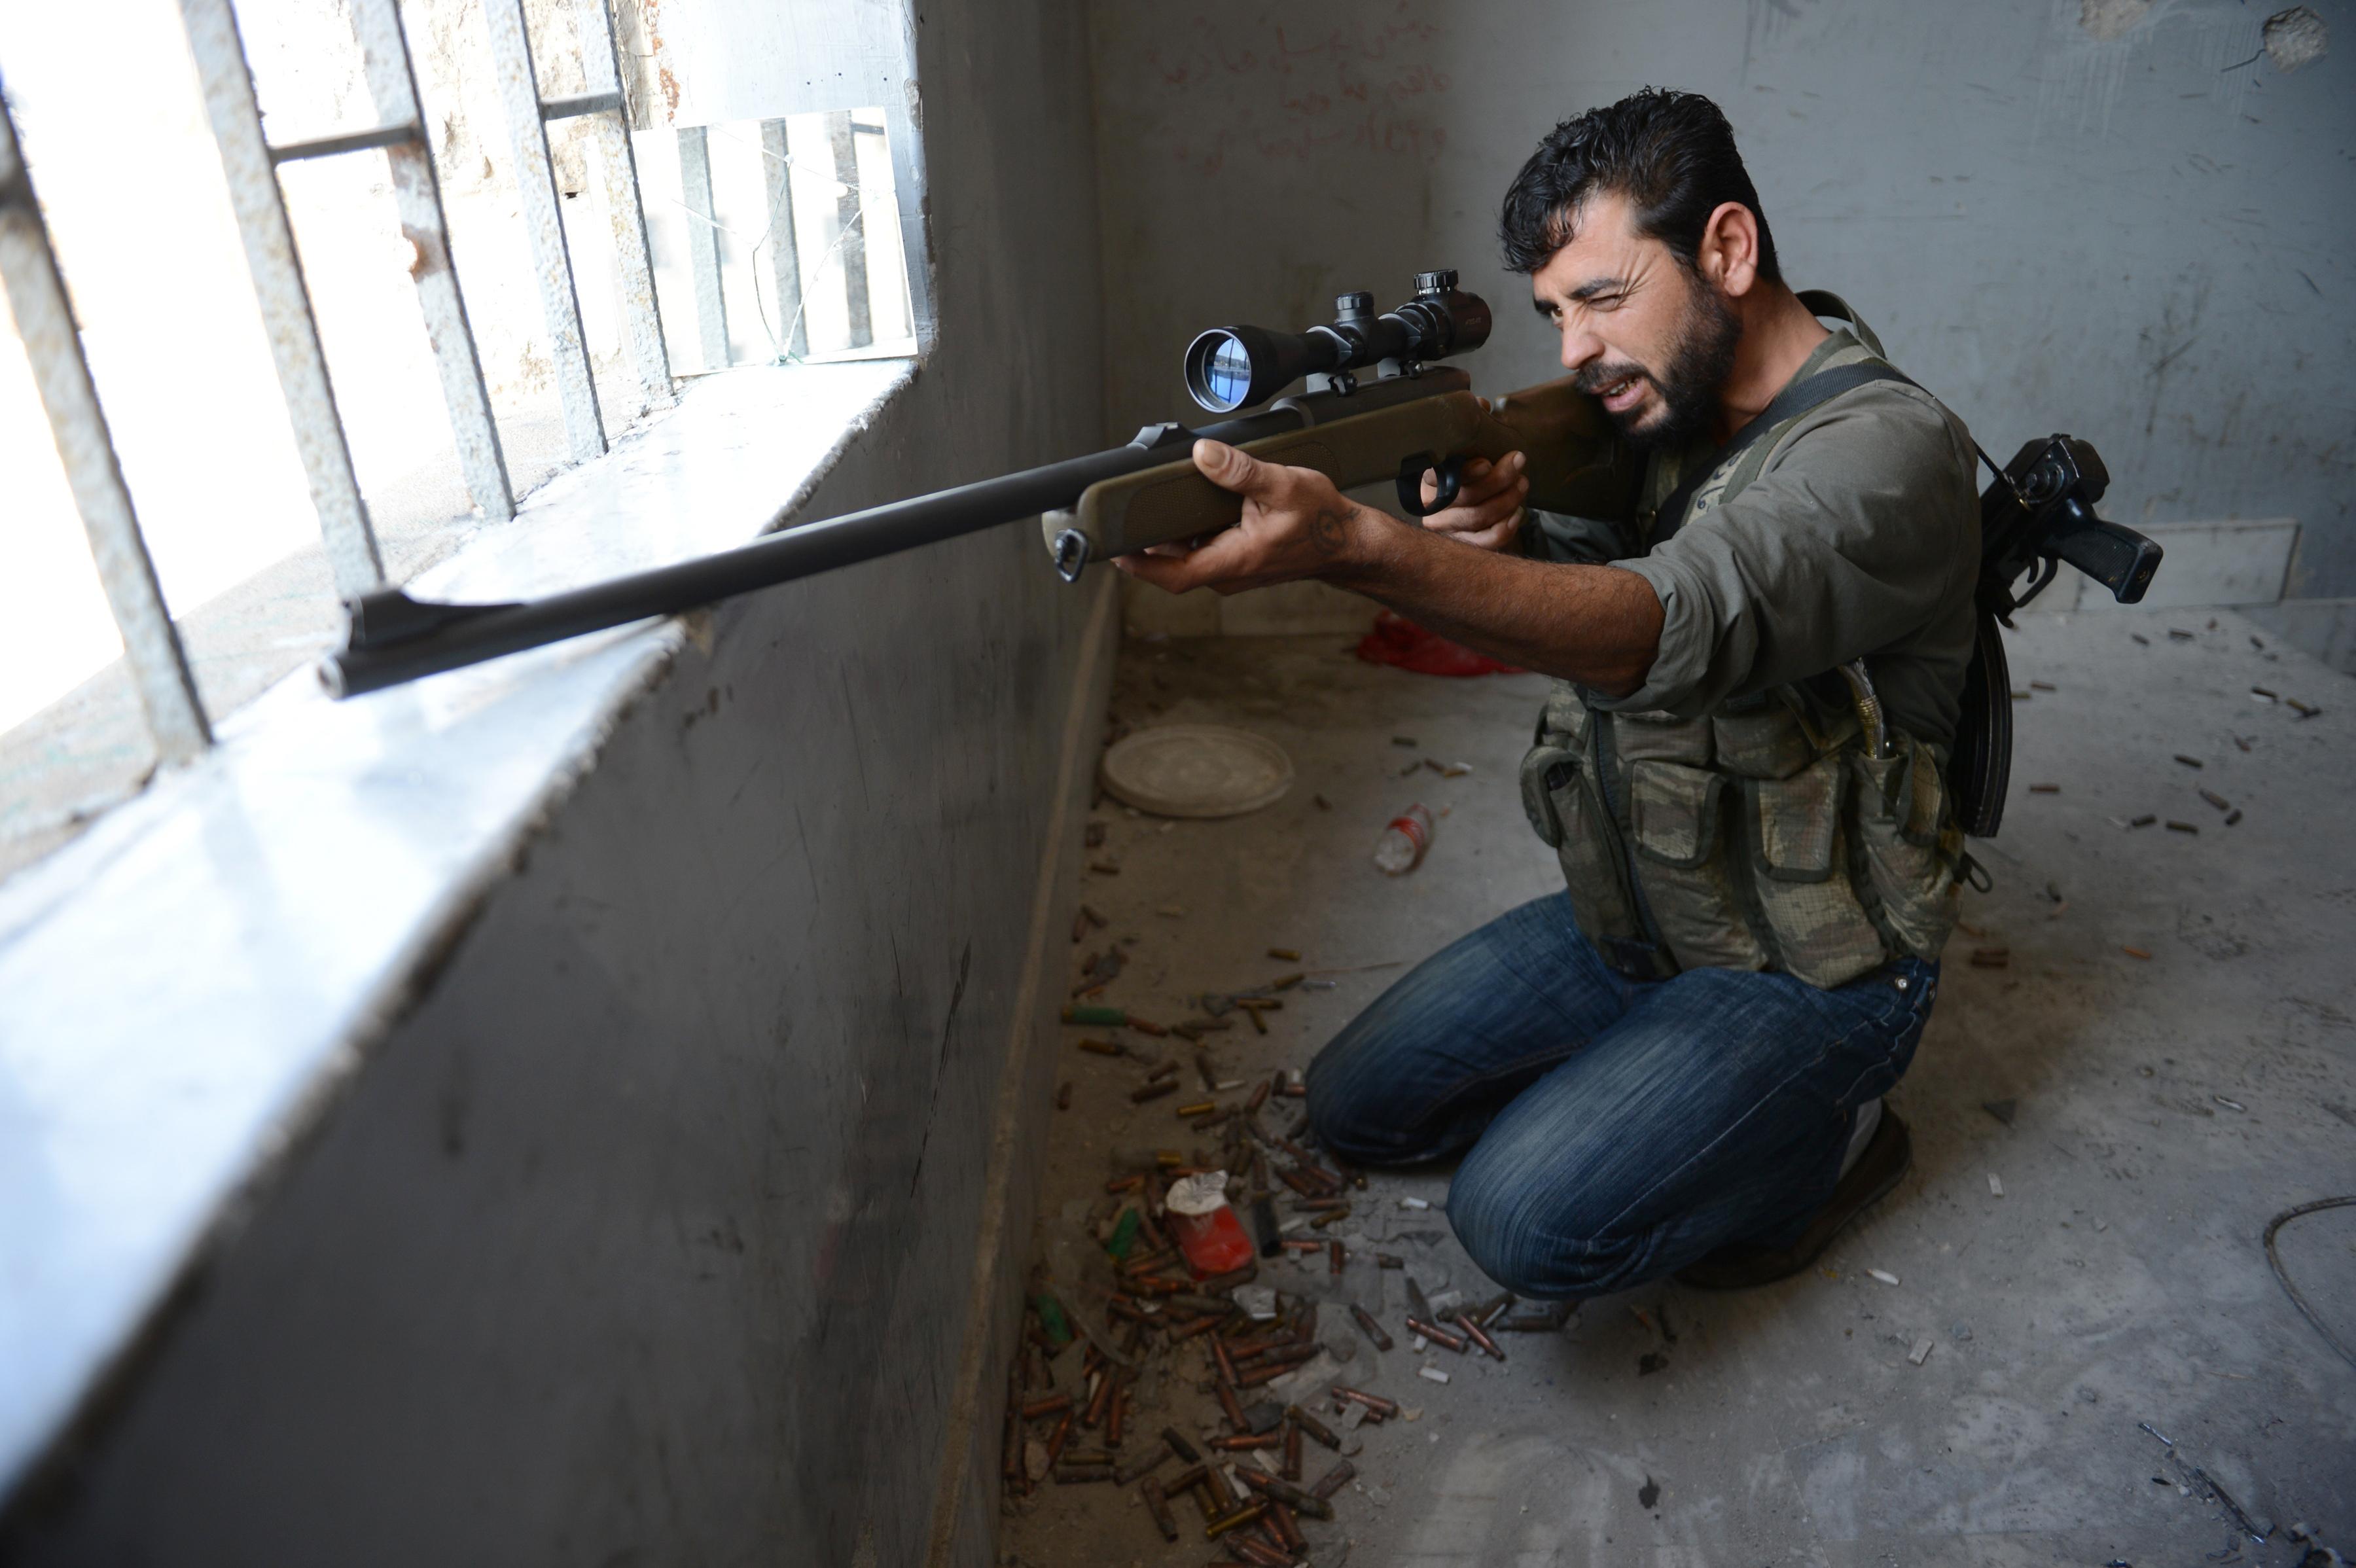 «Перемирие» в Сирии: курды бьют повстанцев в Алеппо, авиация бомбит Дамаск